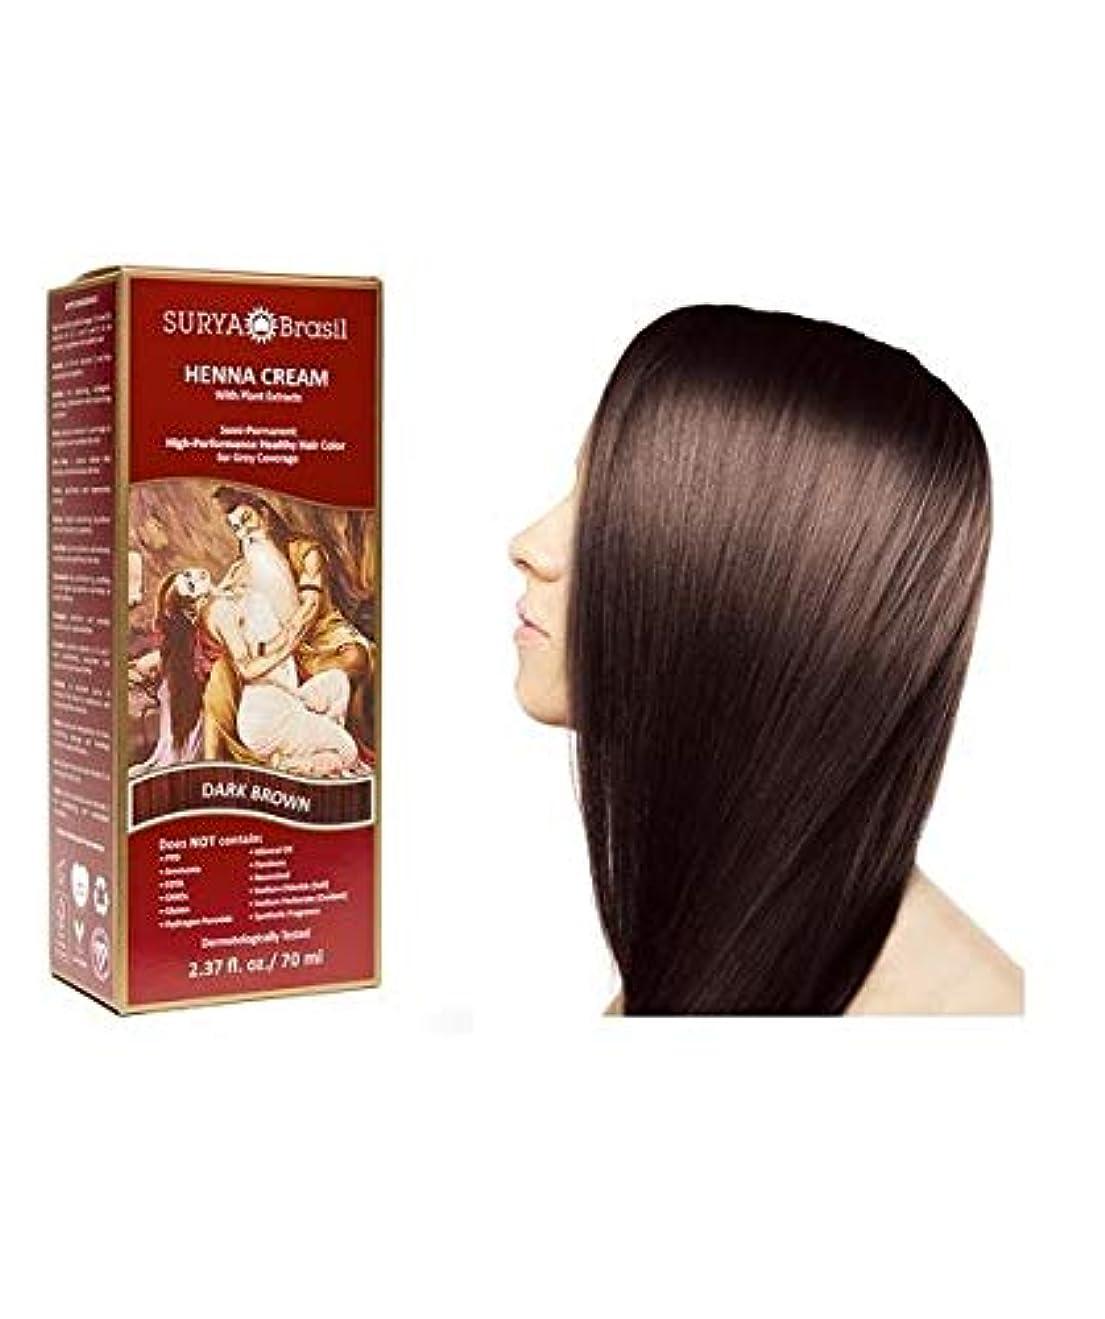 屋内でムス表面的なSurya Henna Henna Cream High-Performance Healthy Hair Color for Grey Coverage Dark Brown 2 37 fl oz 70 ml